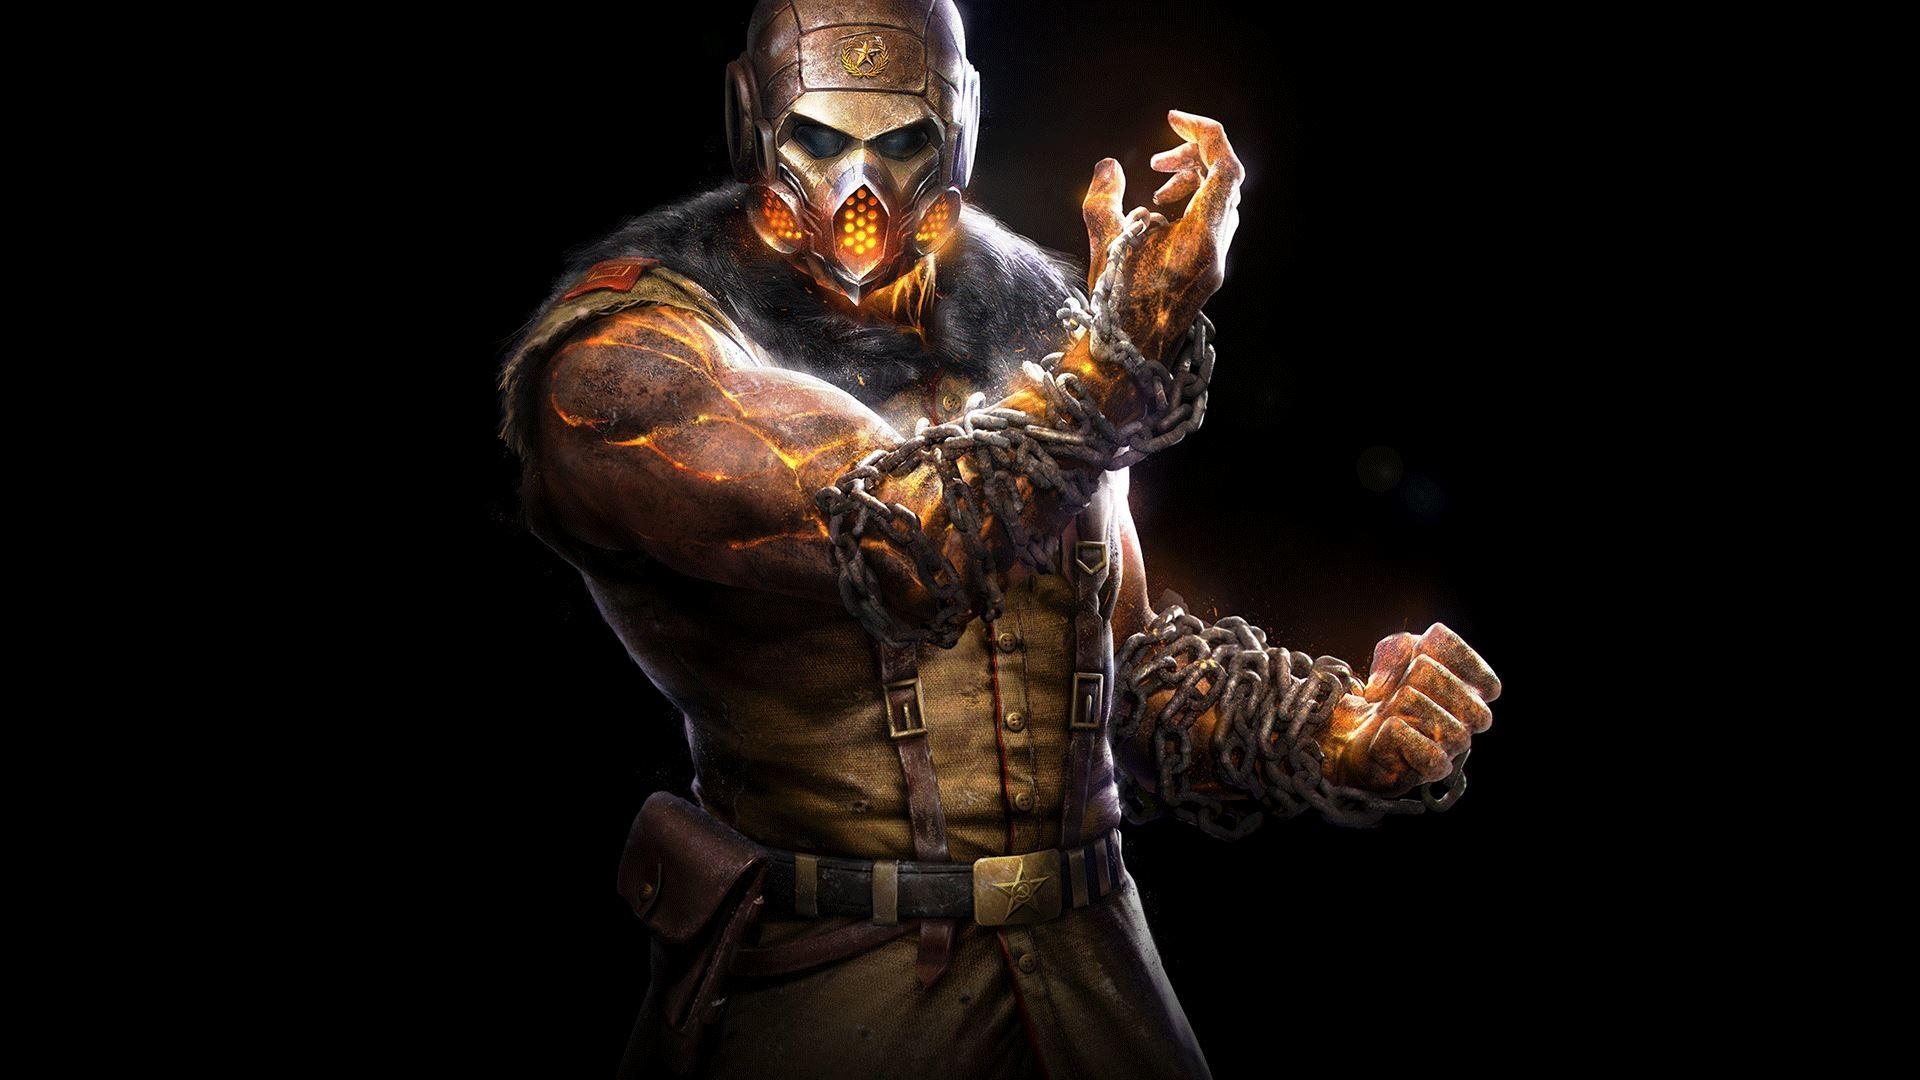 Res: 1920x1080, Tags: Mortal Kombat Scorpion ...